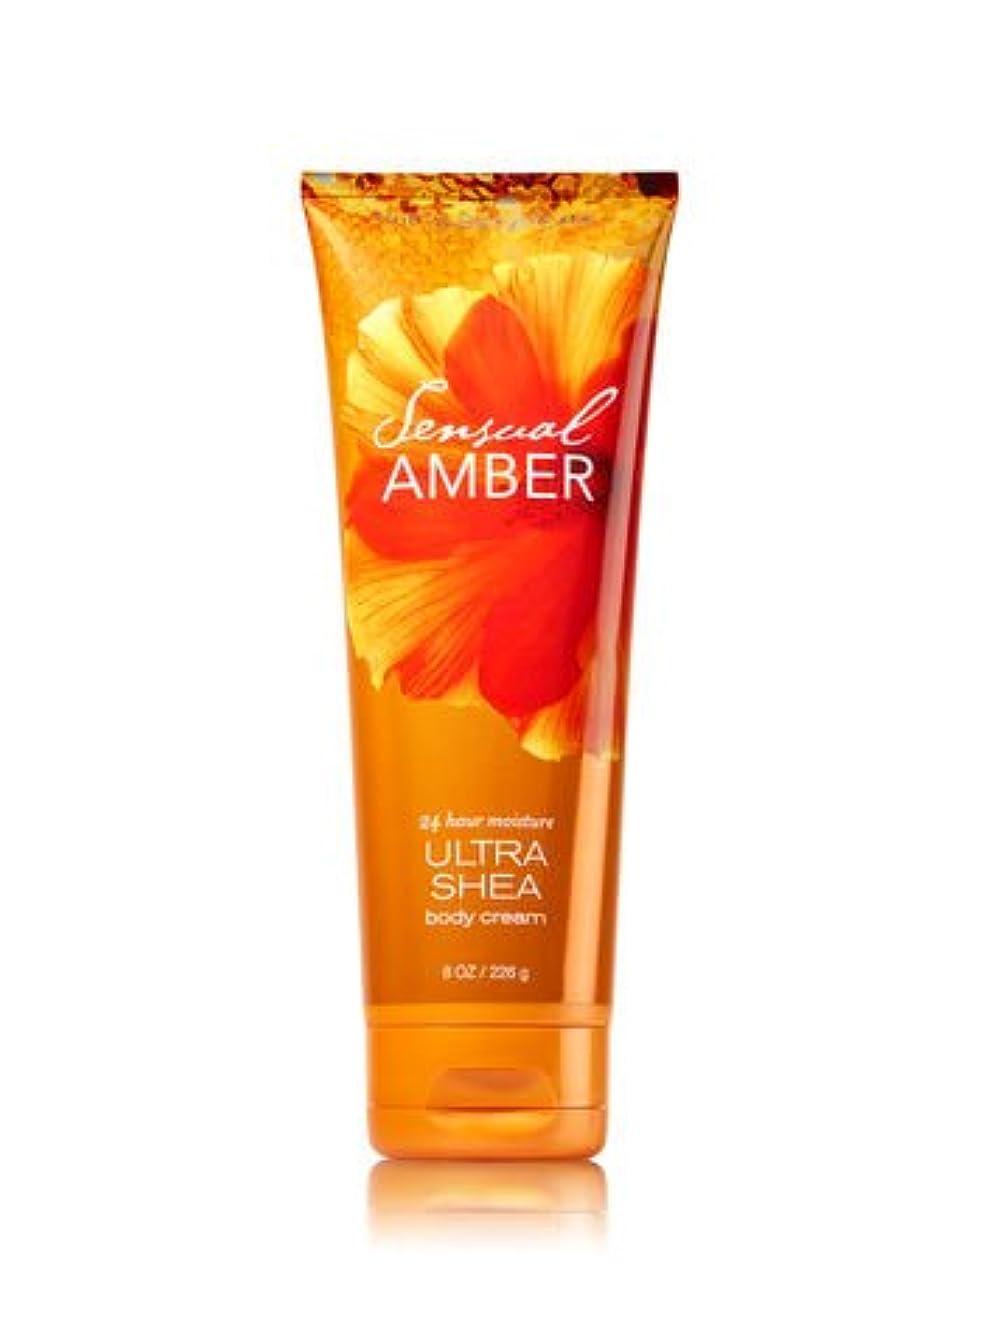 吸収するゴネリル第三Bath & Body Works バスアンドボディワークス ボディクリーム 並行輸入 (Sensual Amber)